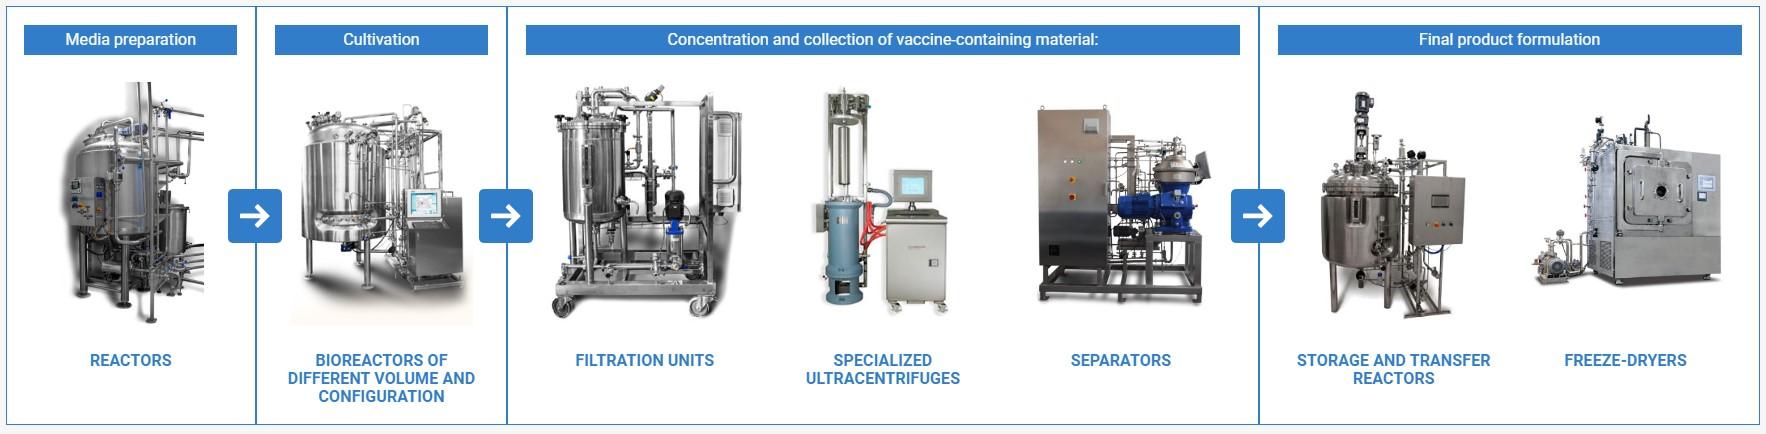 tech_scheme_vaccine_production